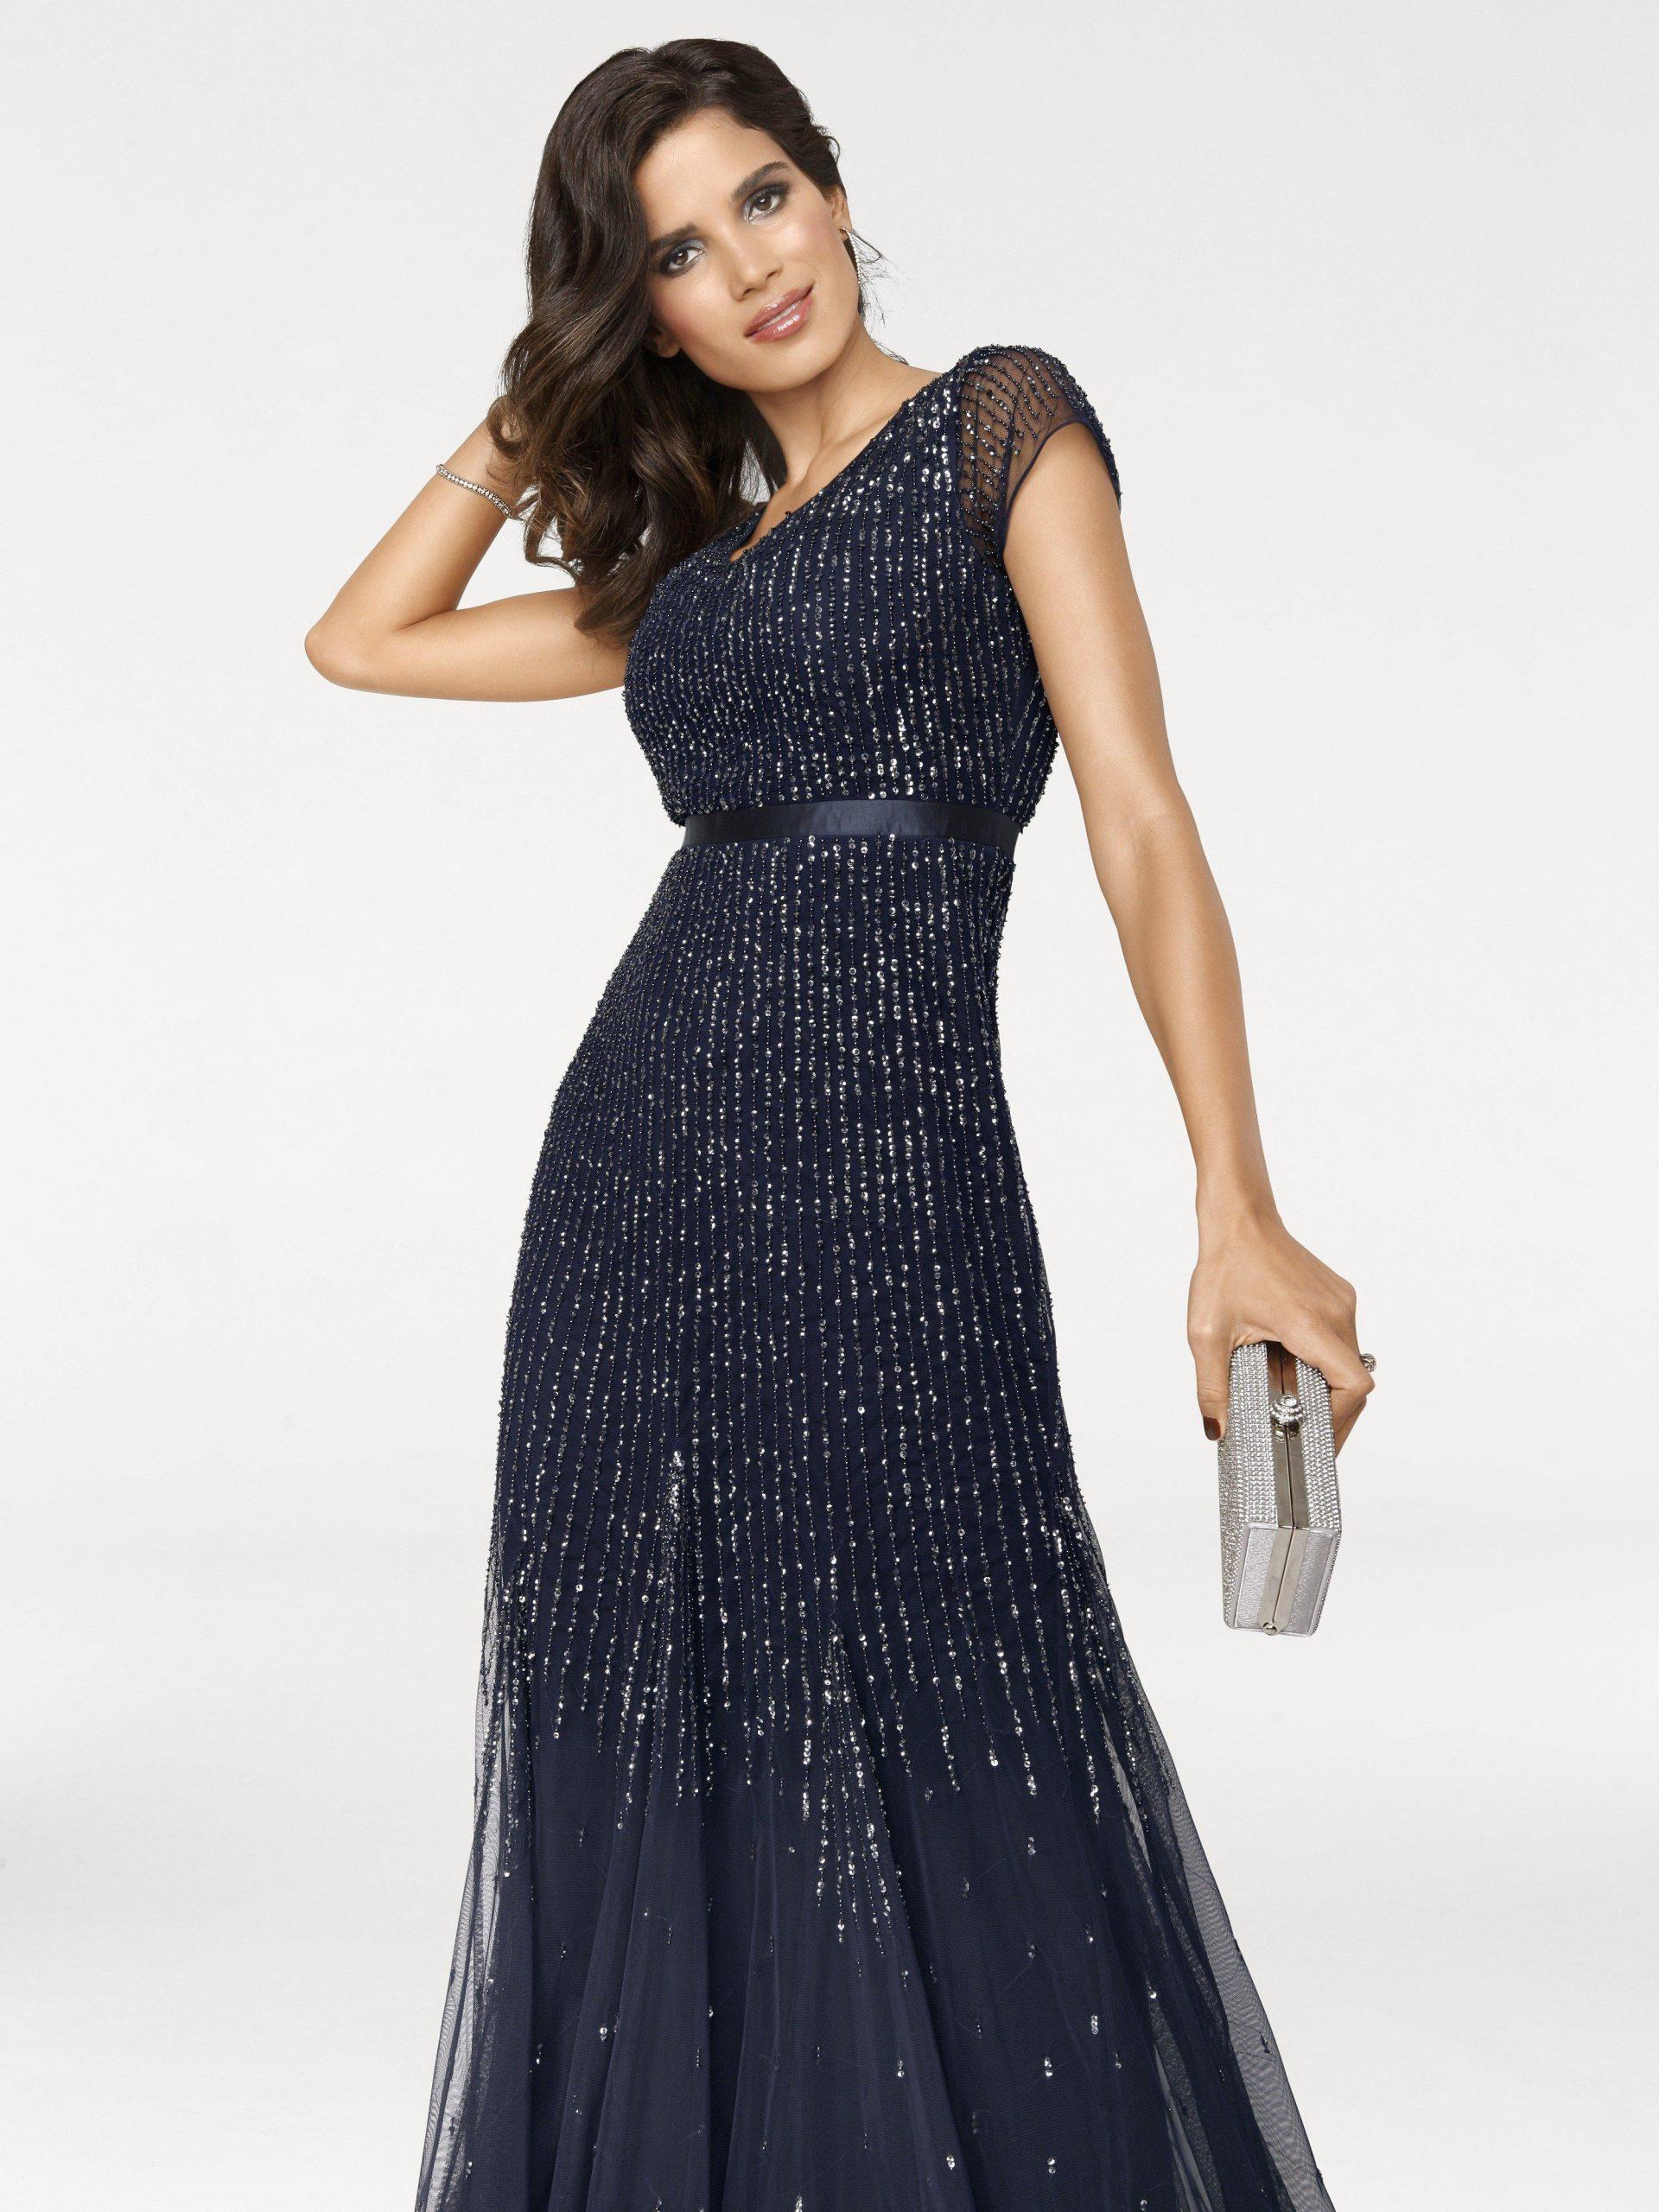 Formal Elegant Heine Abendkleid VertriebFormal Luxurius Heine Abendkleid für 2019